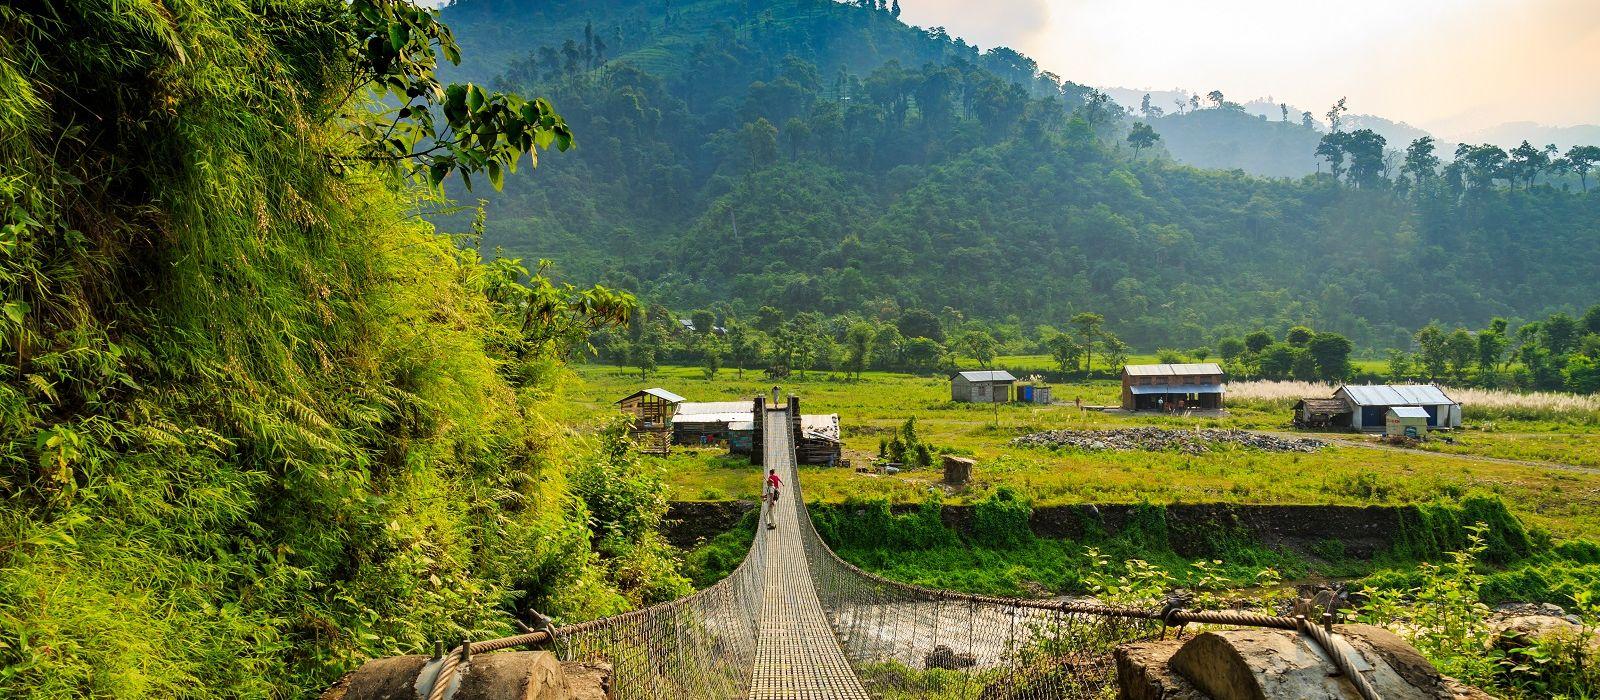 Höhepunkte von Nepal & Bhutan Urlaub 4